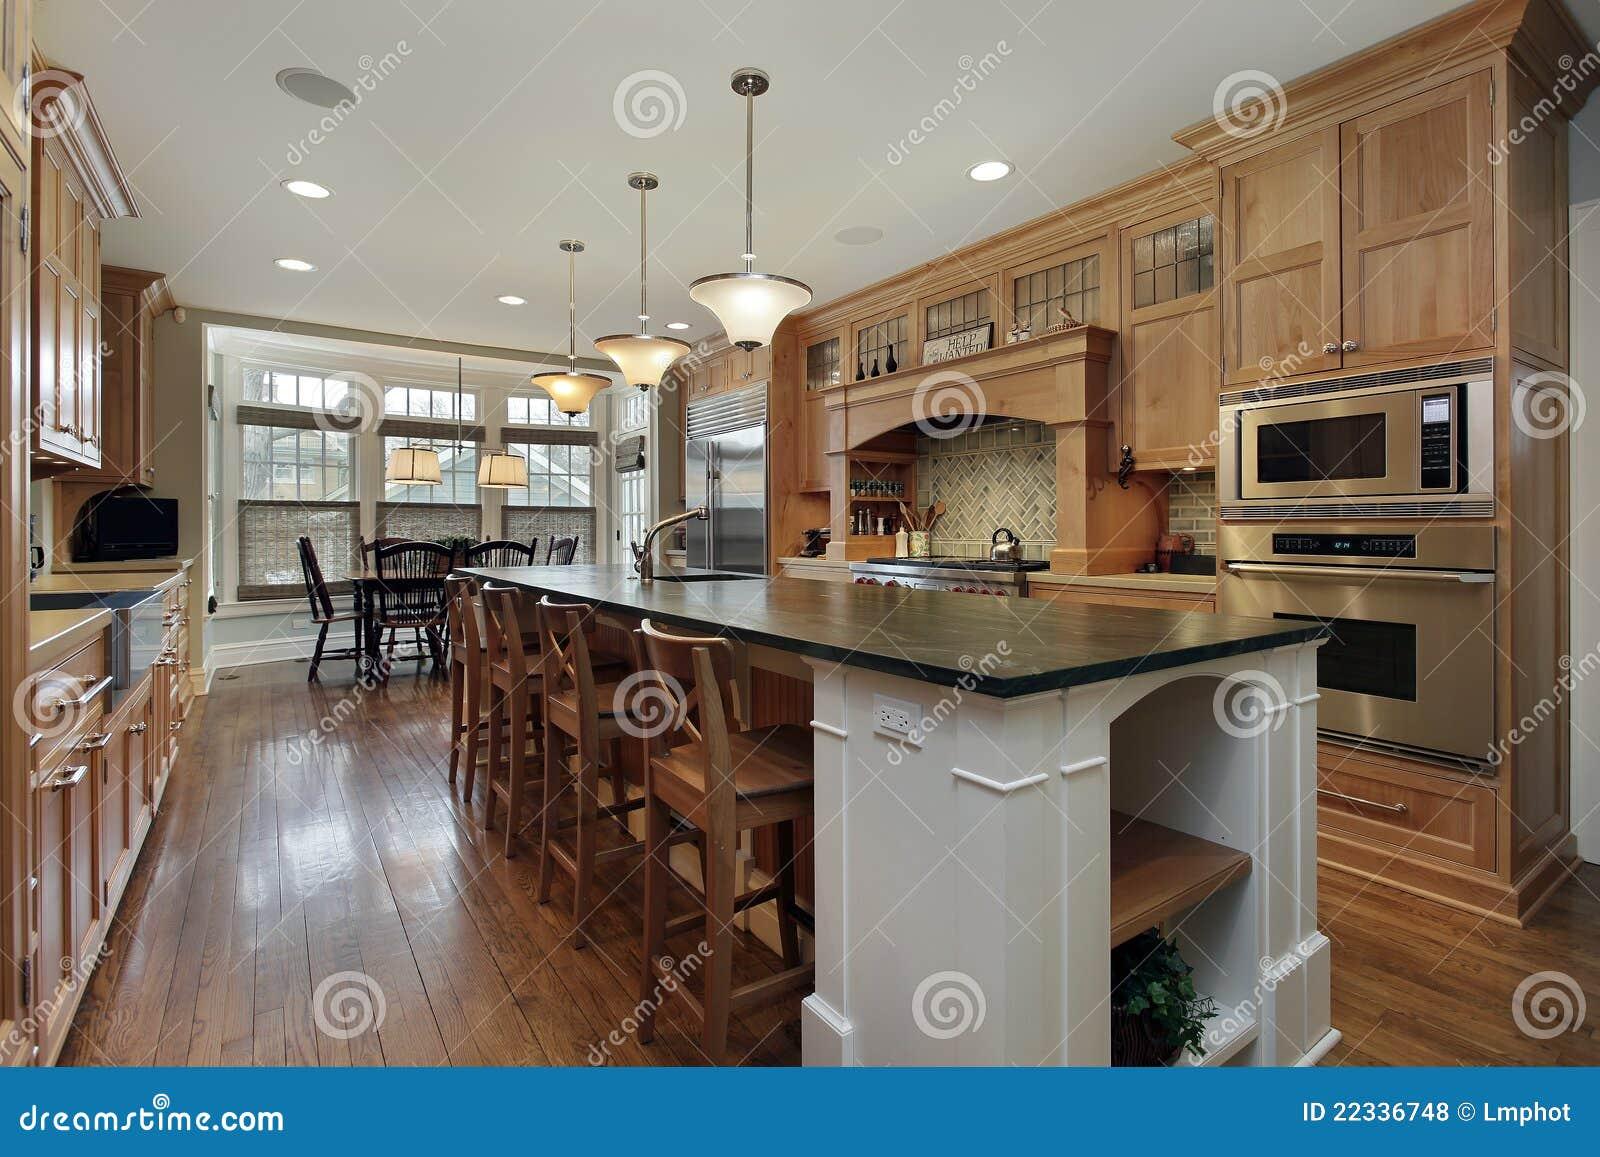 Moderne Keuken Met Groot Eiland Royalty-vrije Stock Fotos ...